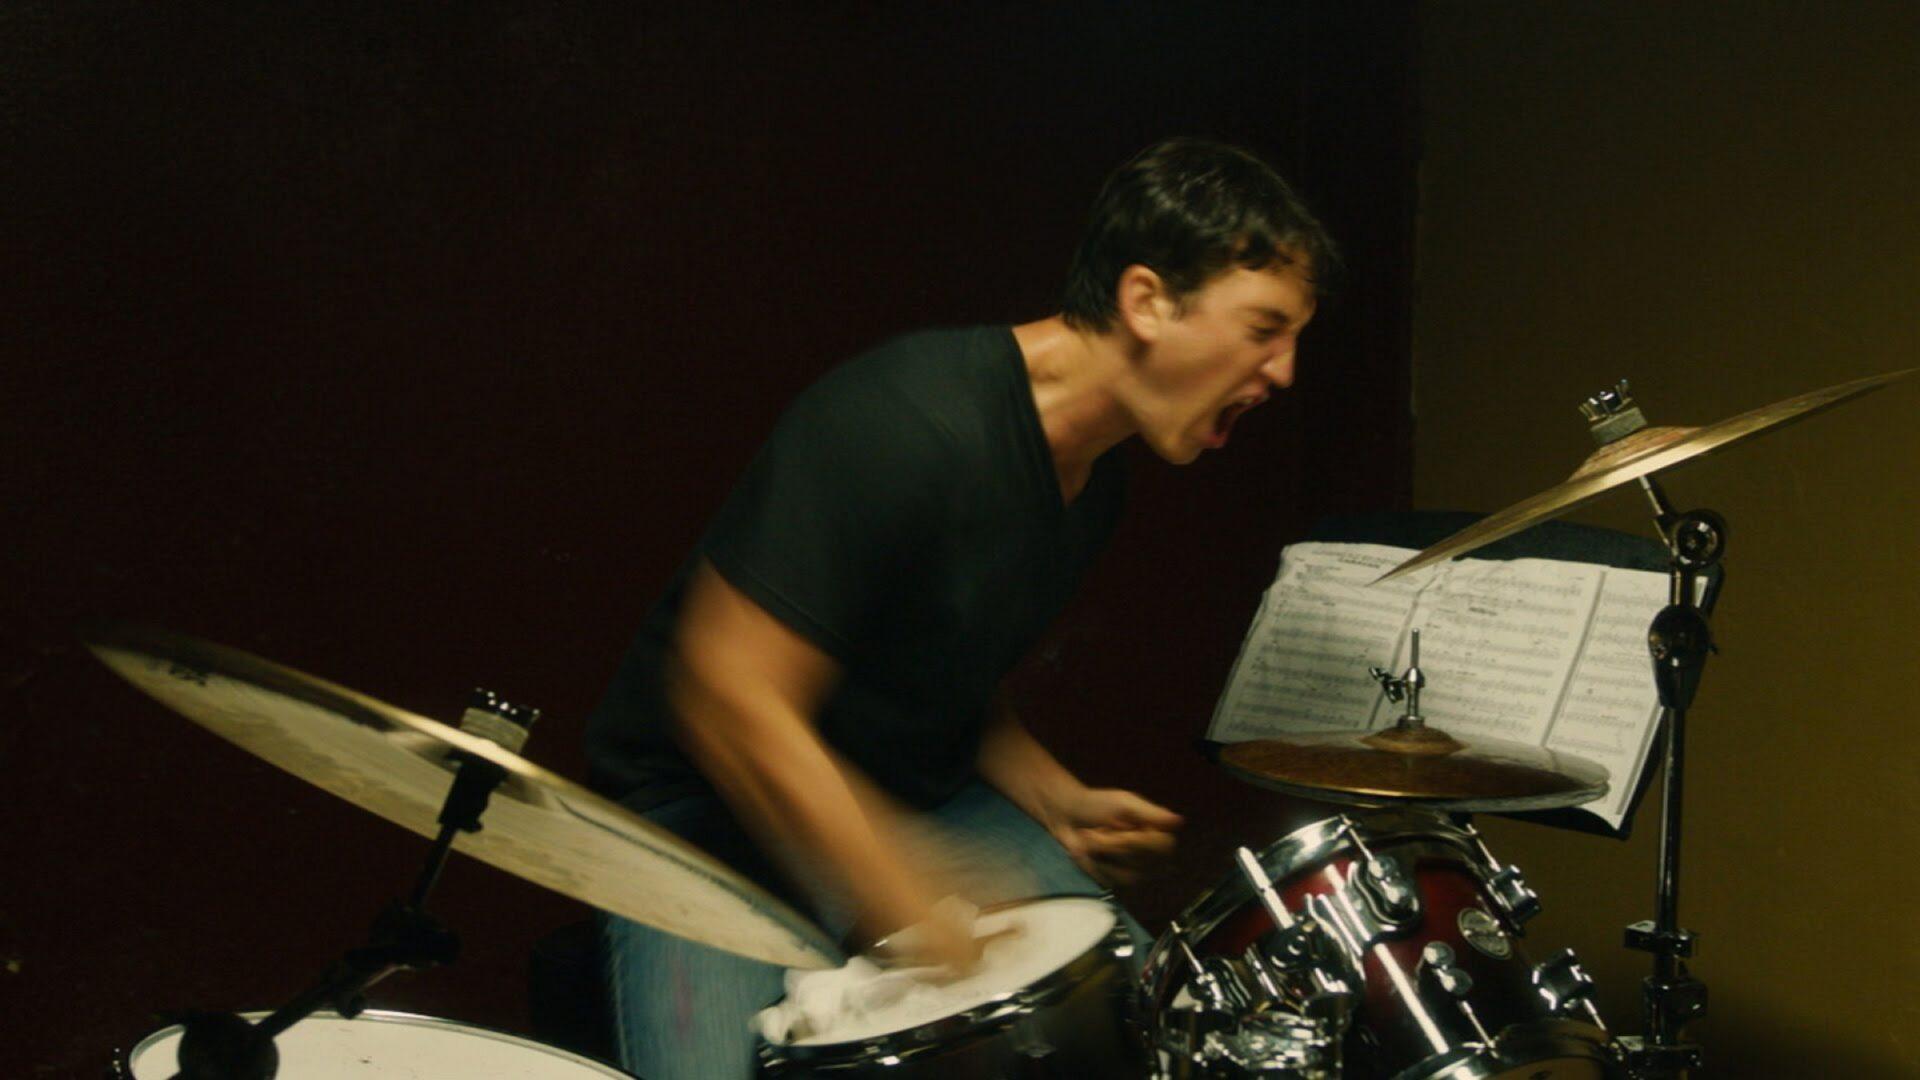 Andrew Neiman